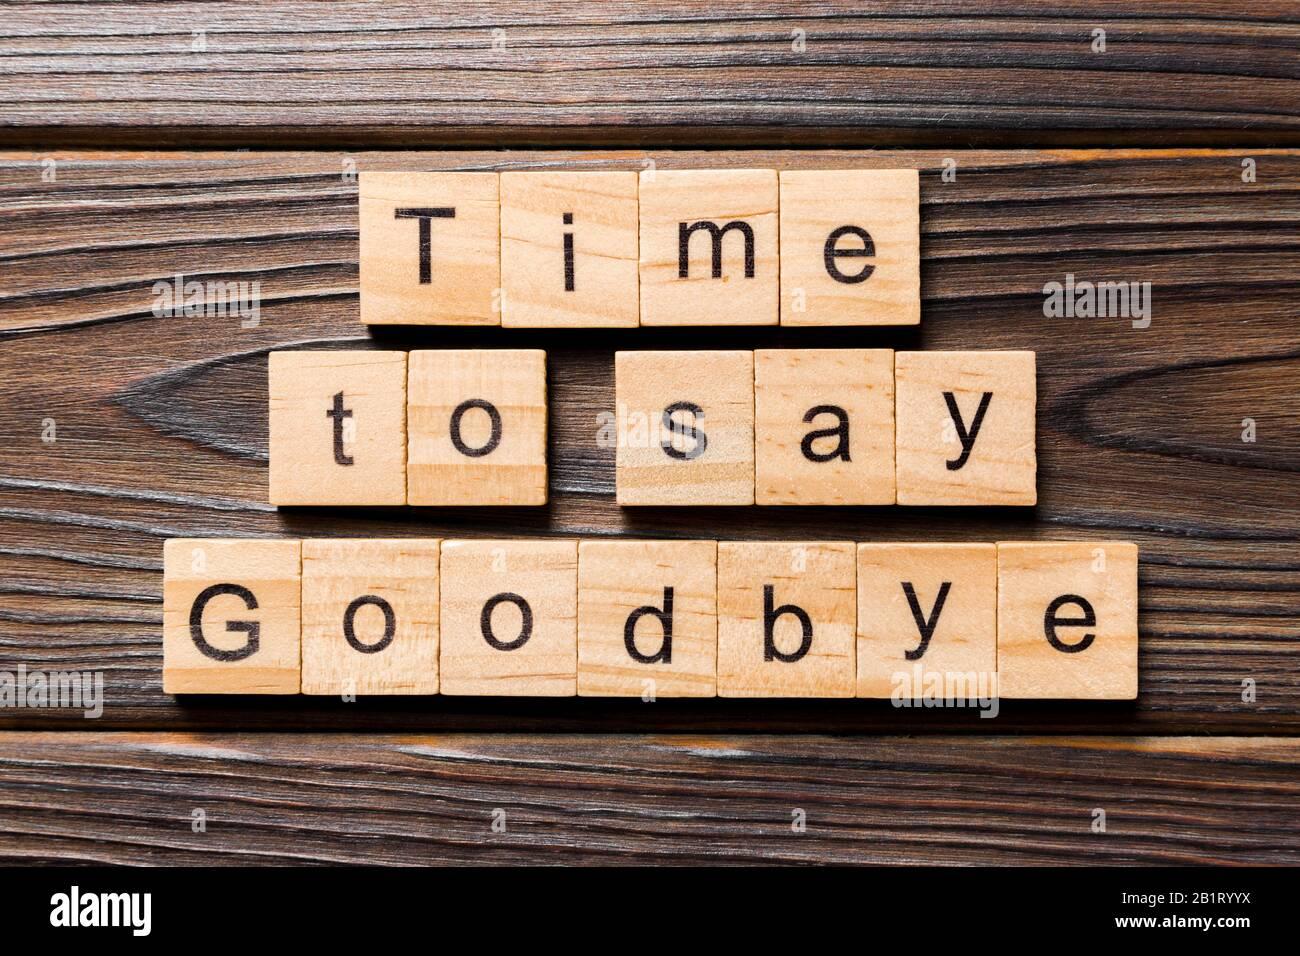 Abschiedstext freundin